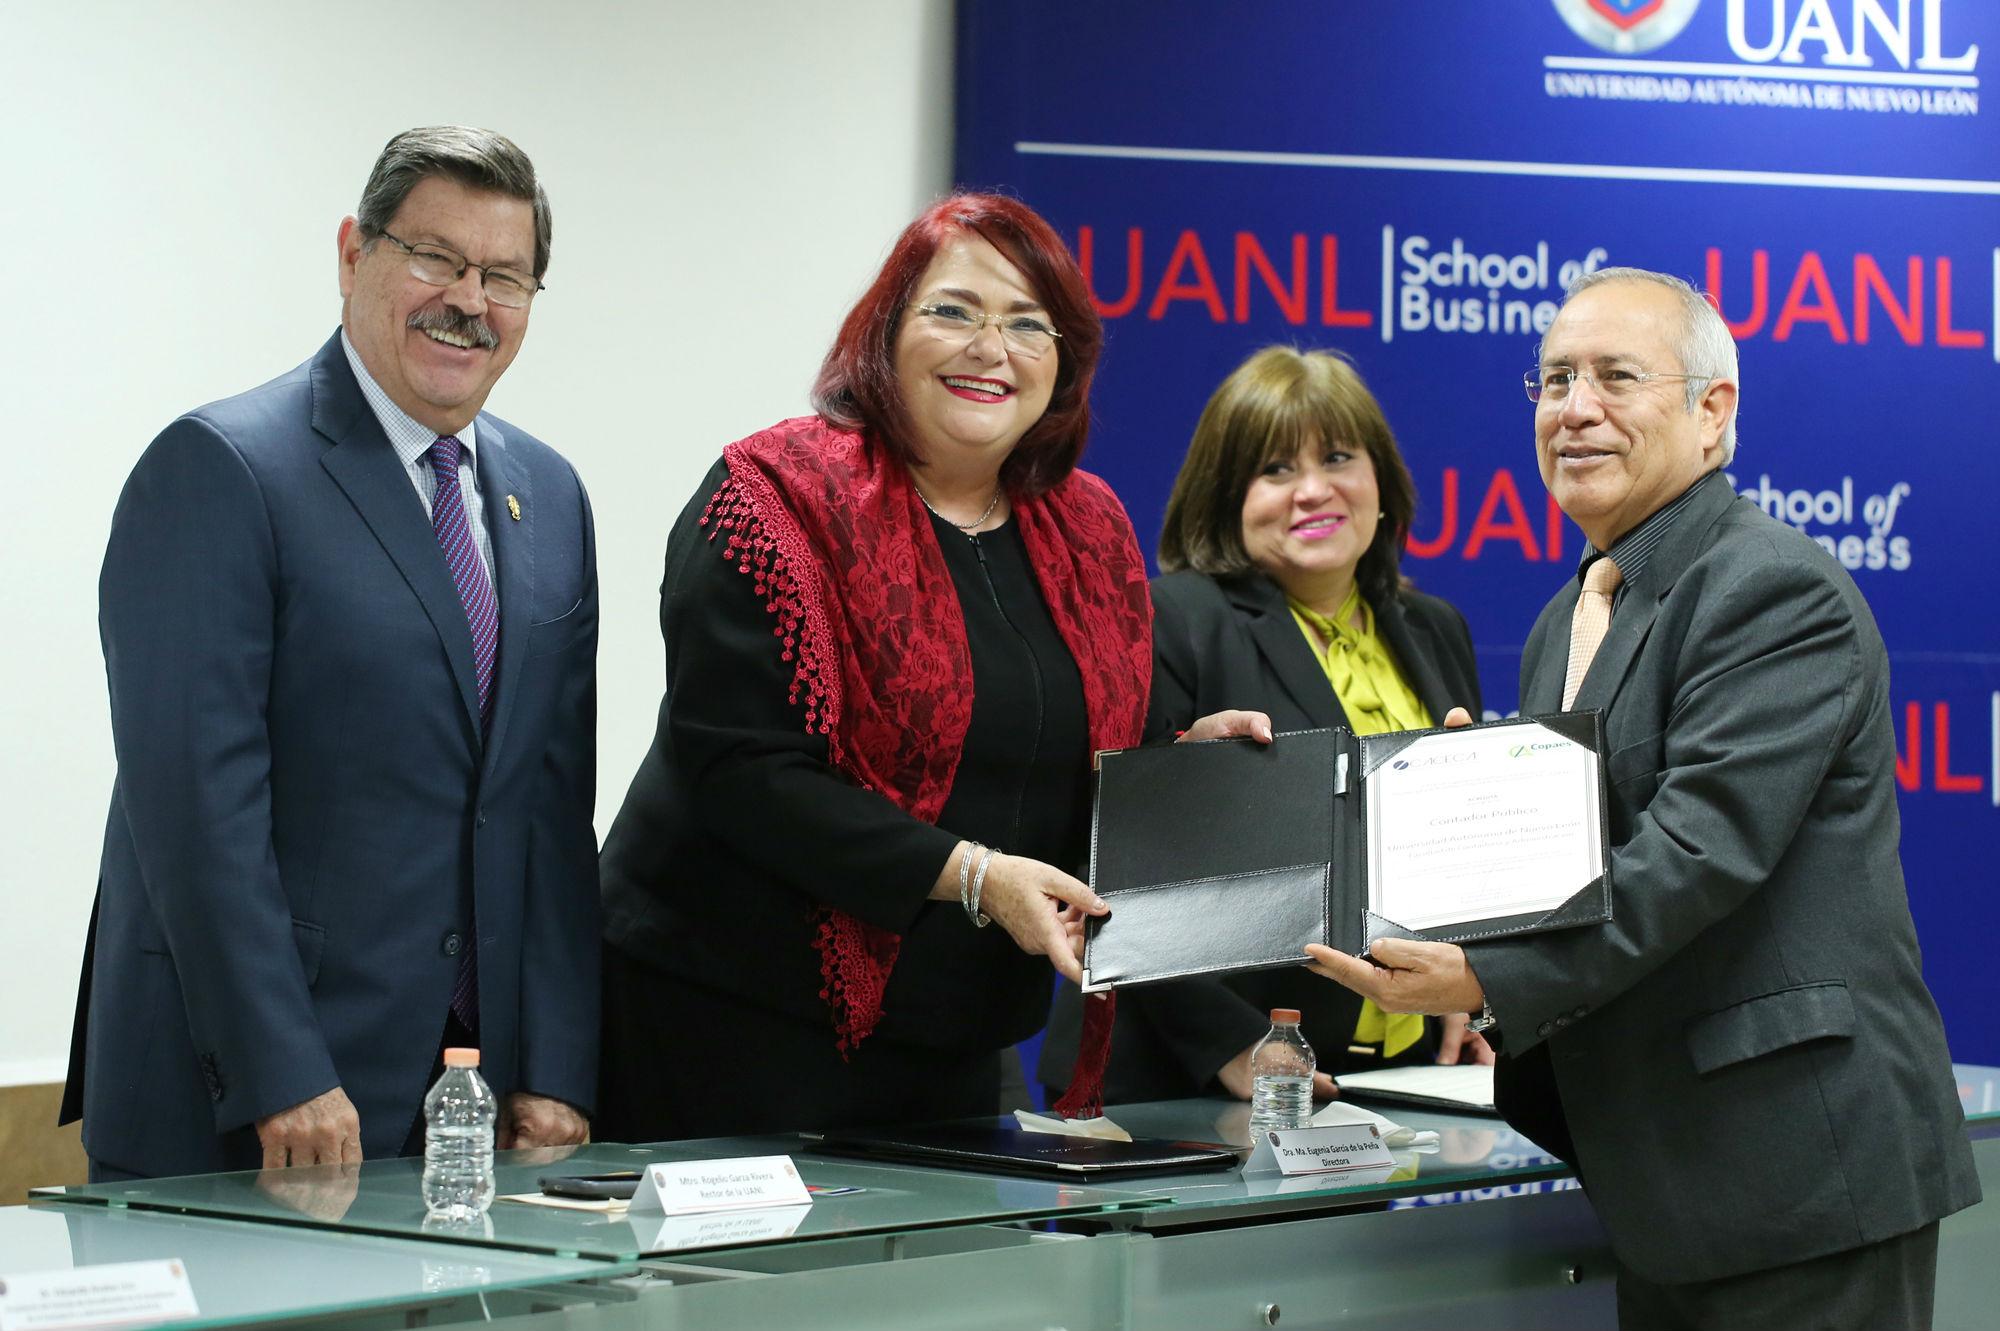 Entrega de la acreditación nacional al programa de Contador Público